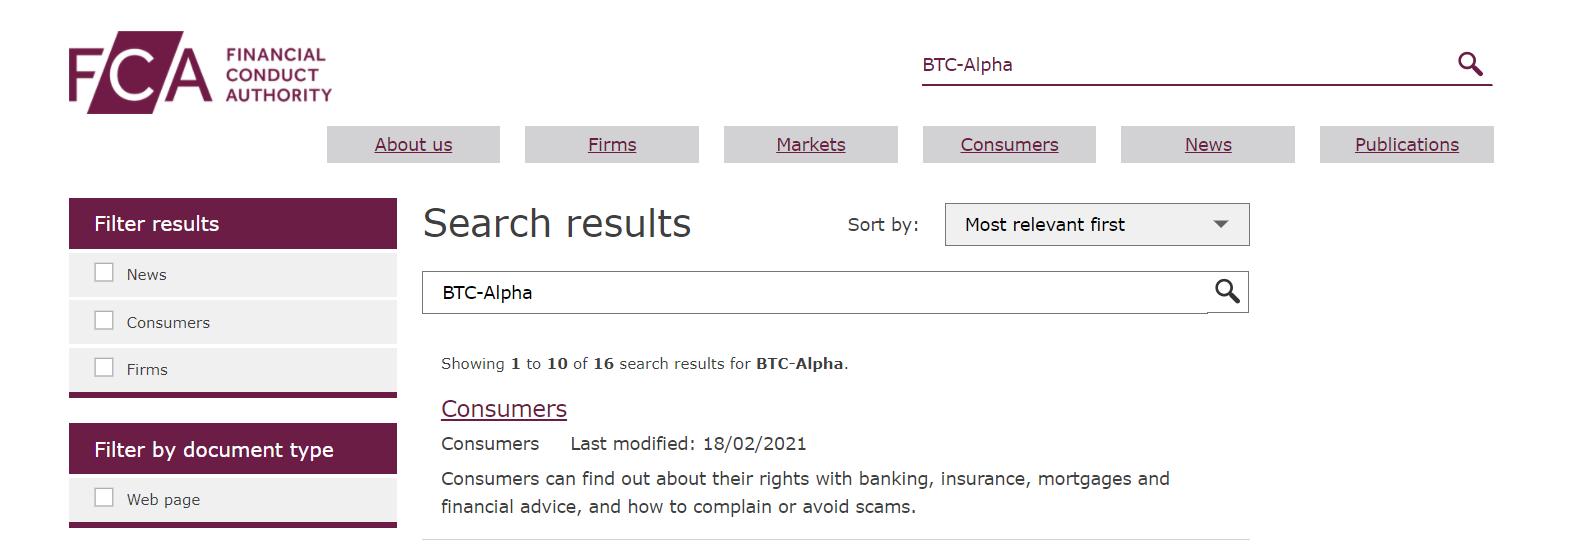 Трейдинг без границ или очередной лохотрон: обзор криптовалютной биржи BTC-Alpha